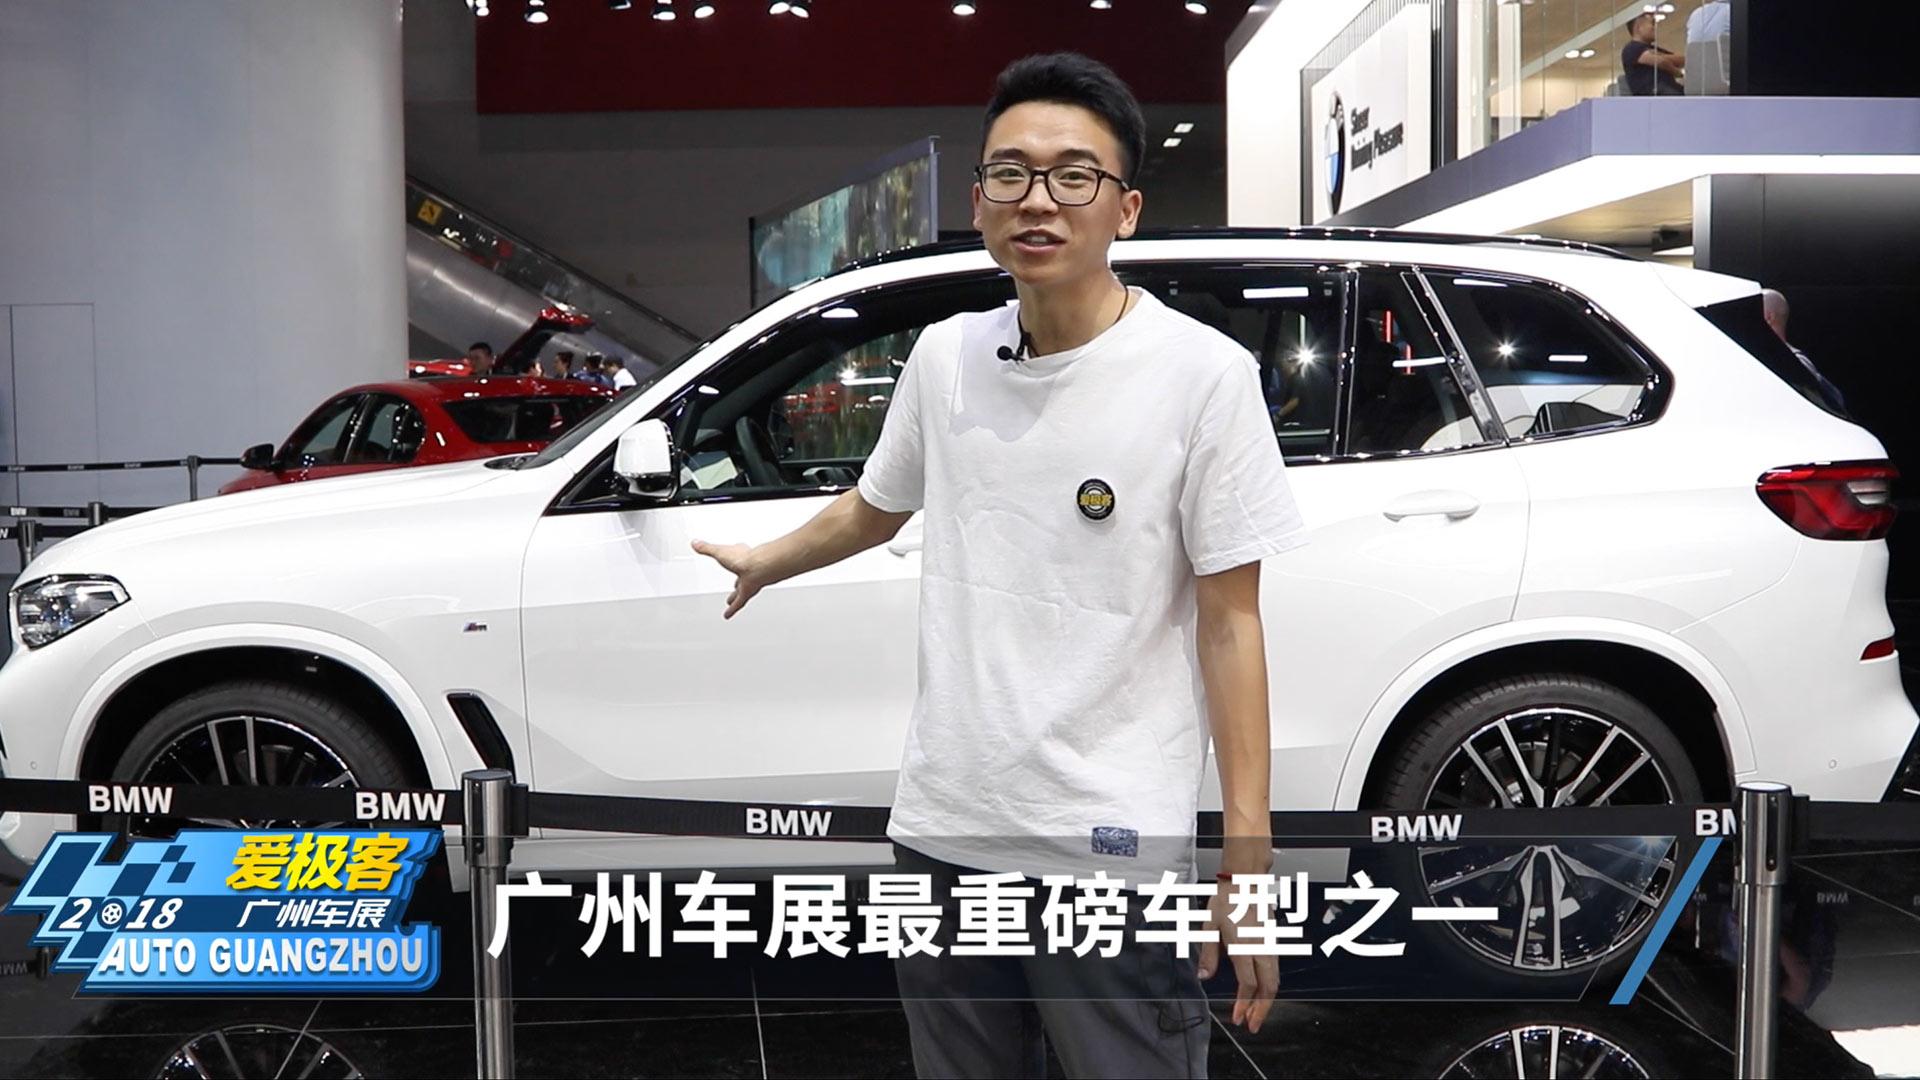 广州车展最重磅车型之一!宝马X5正式亮相!